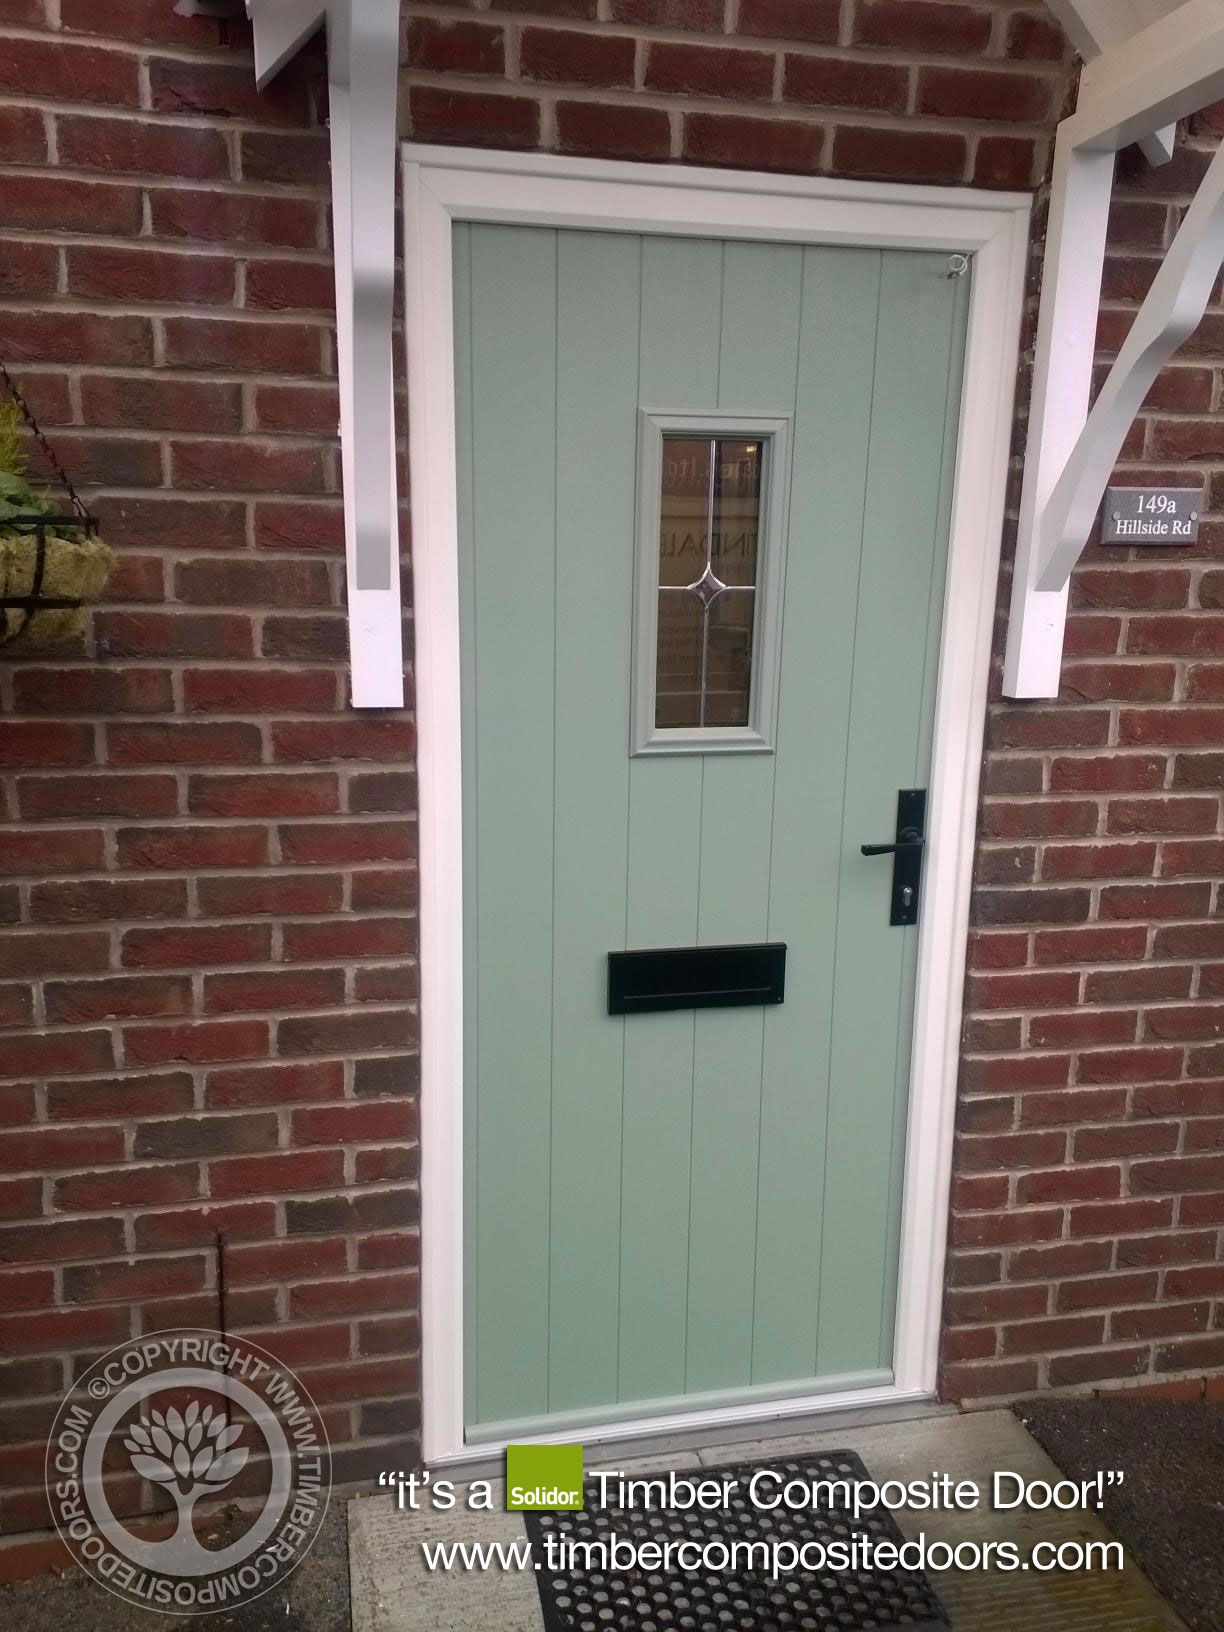 Chartwell Green Flint Solidor Timber Composite Door 2 Garage Pinterest Doors Front Doors